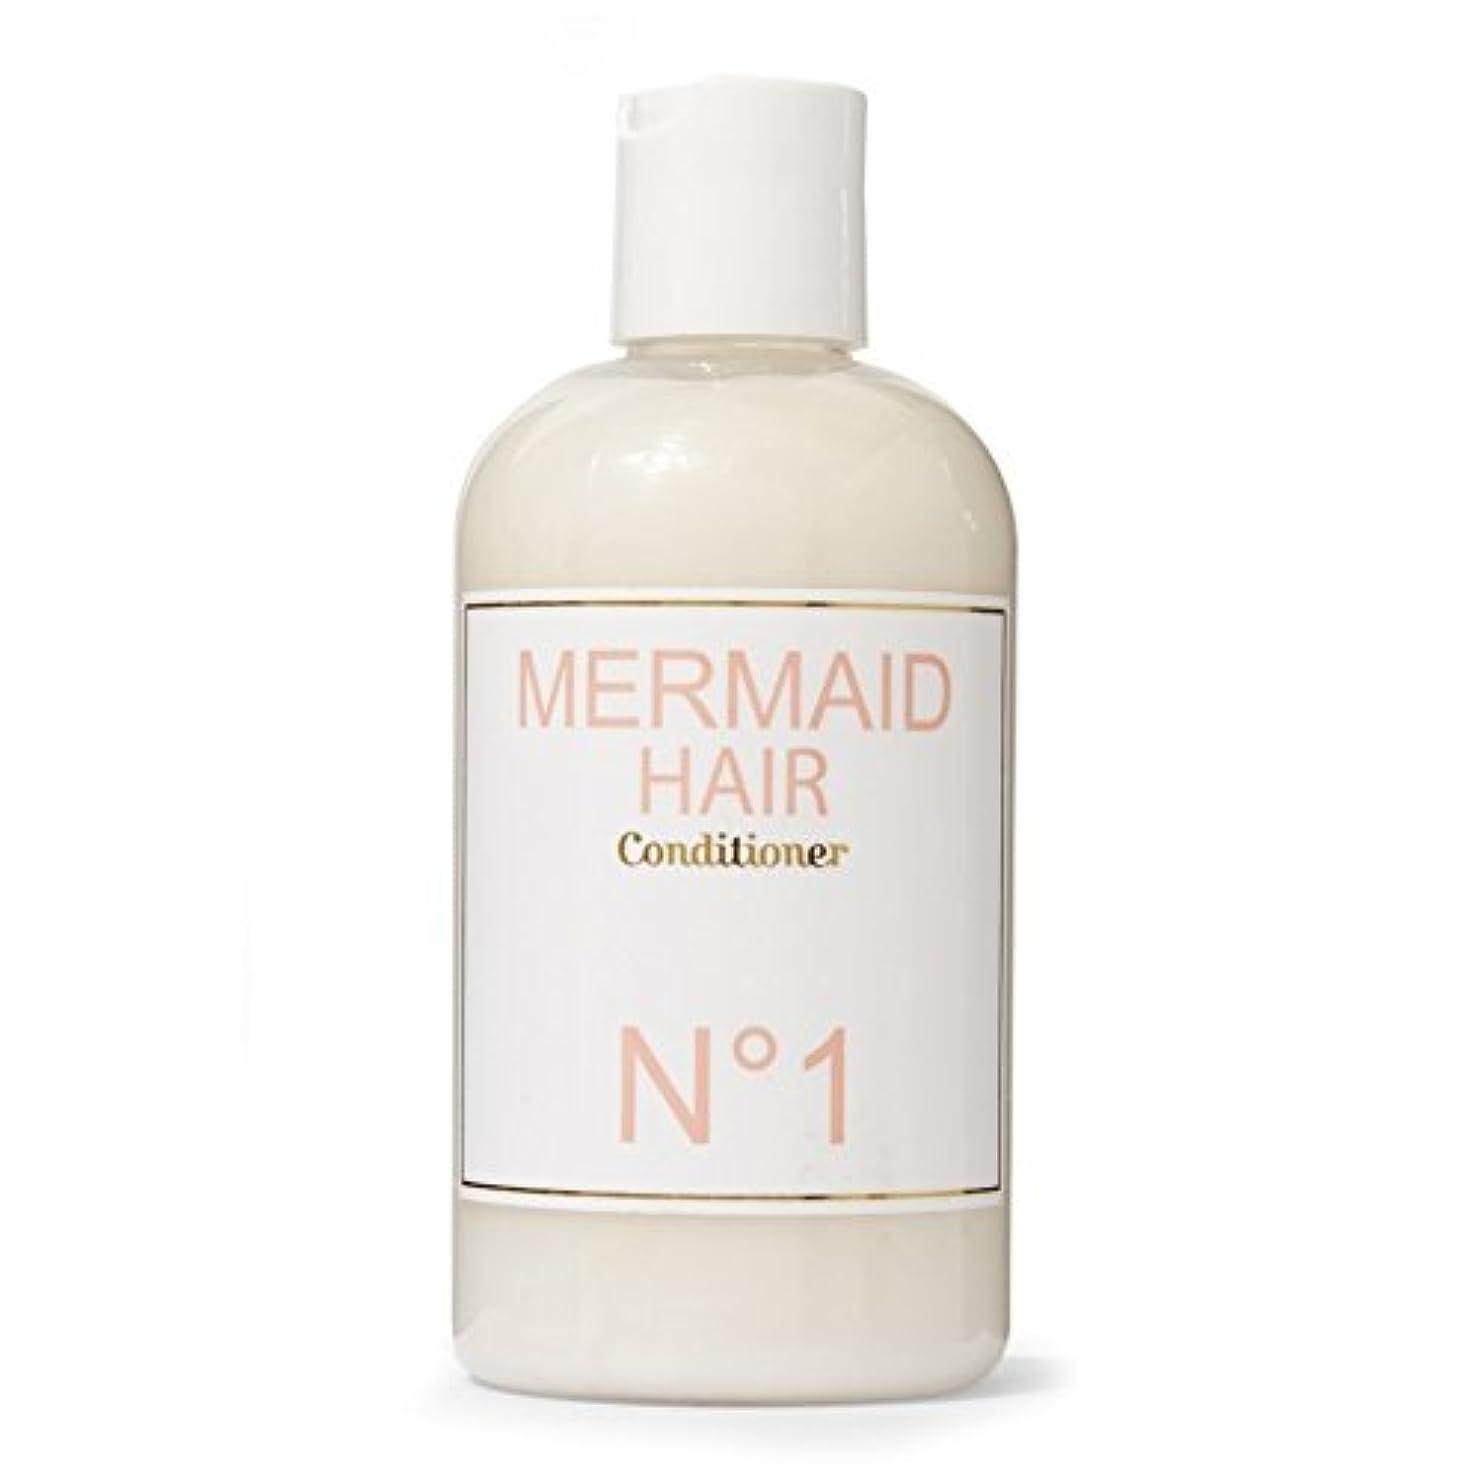 キャンディー独特のスーツケースMermaid Perfume Mermaid Conditioner 300ml (Pack of 6) - 人魚香水人魚コンディショナー300ミリリットル x6 [並行輸入品]